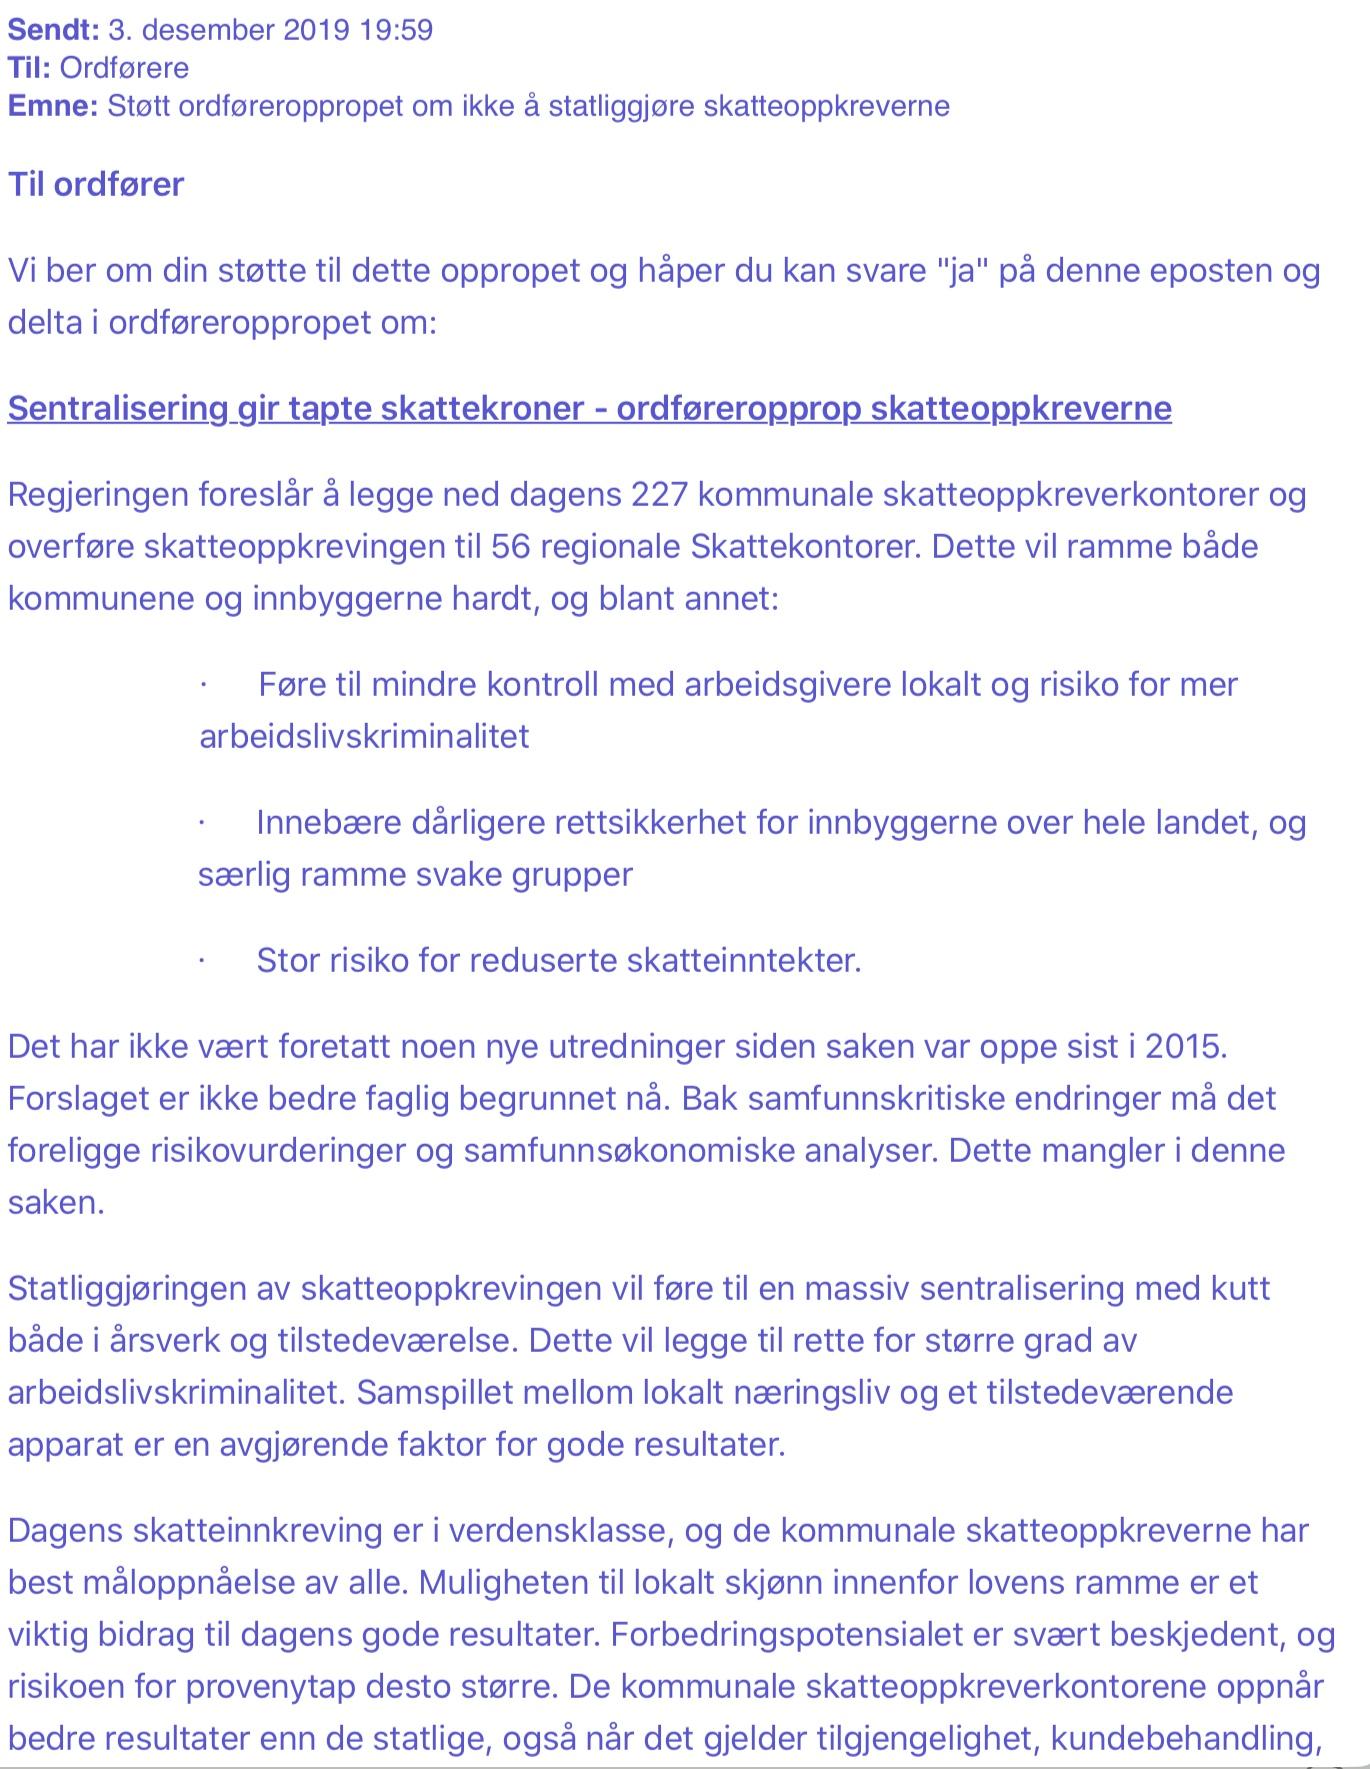 IMG 7301 - Ordføreropprop mot statliggjøring av skatteoppkreverkontorene